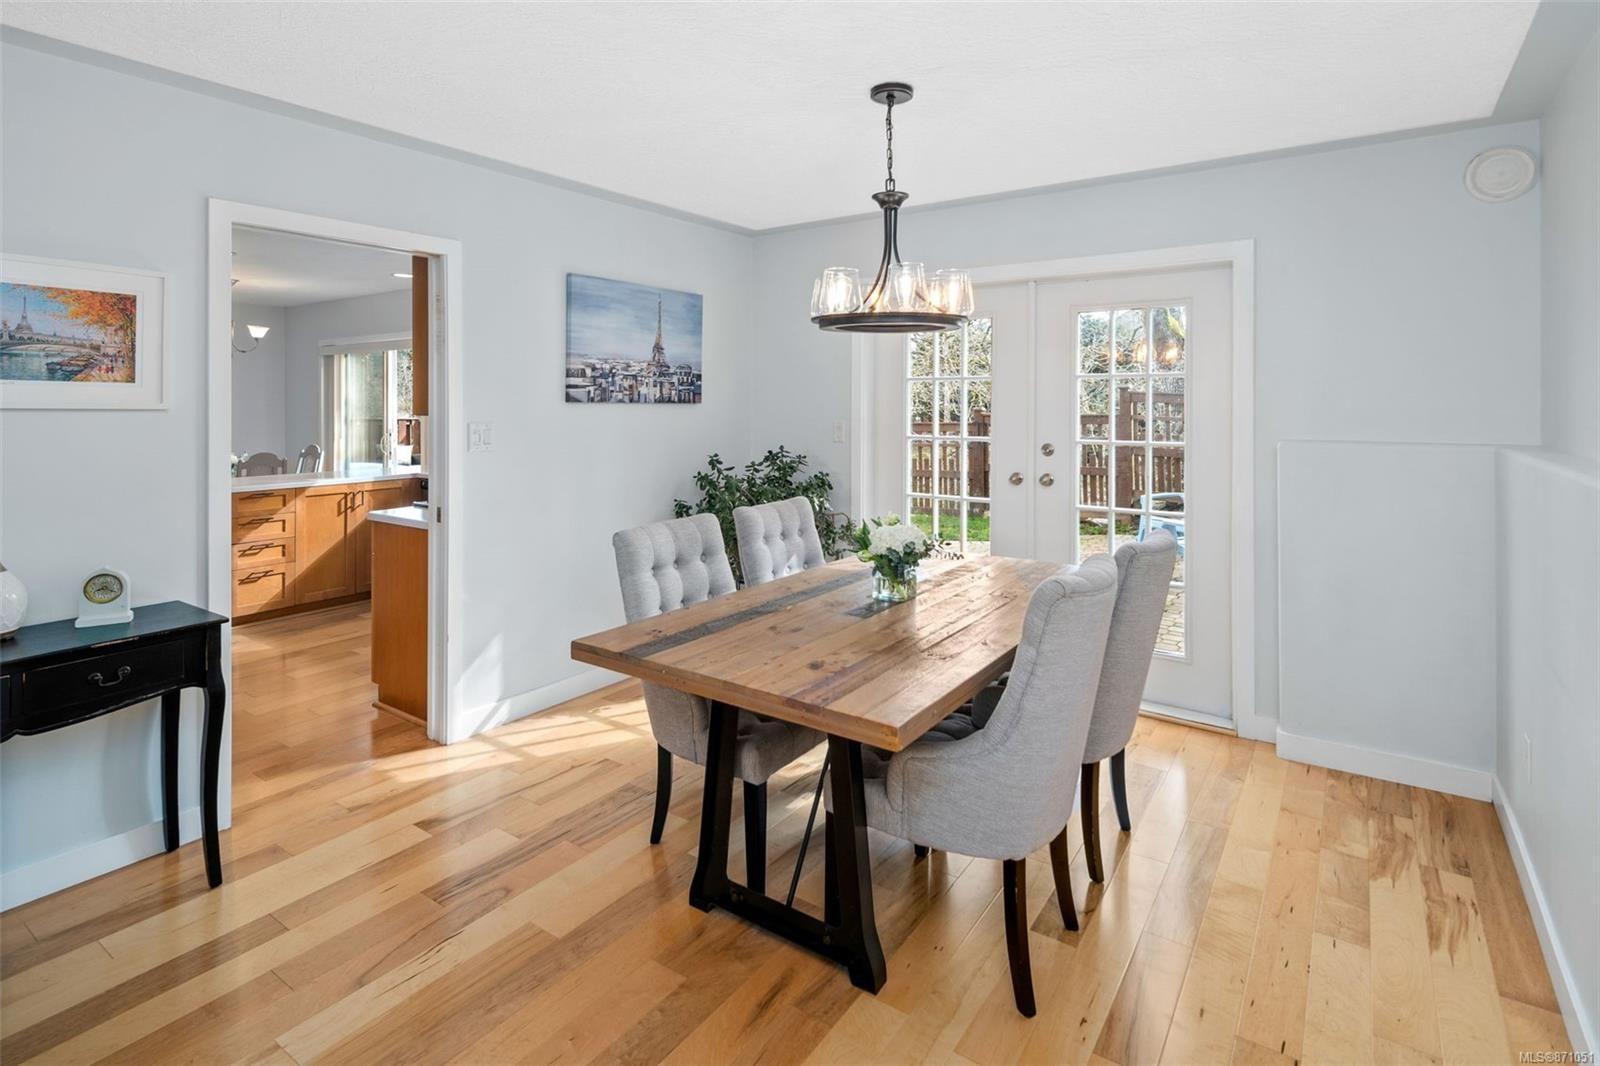 Photo 4: Photos: 521 Selwyn Oaks Pl in : La Mill Hill House for sale (Langford)  : MLS®# 871051